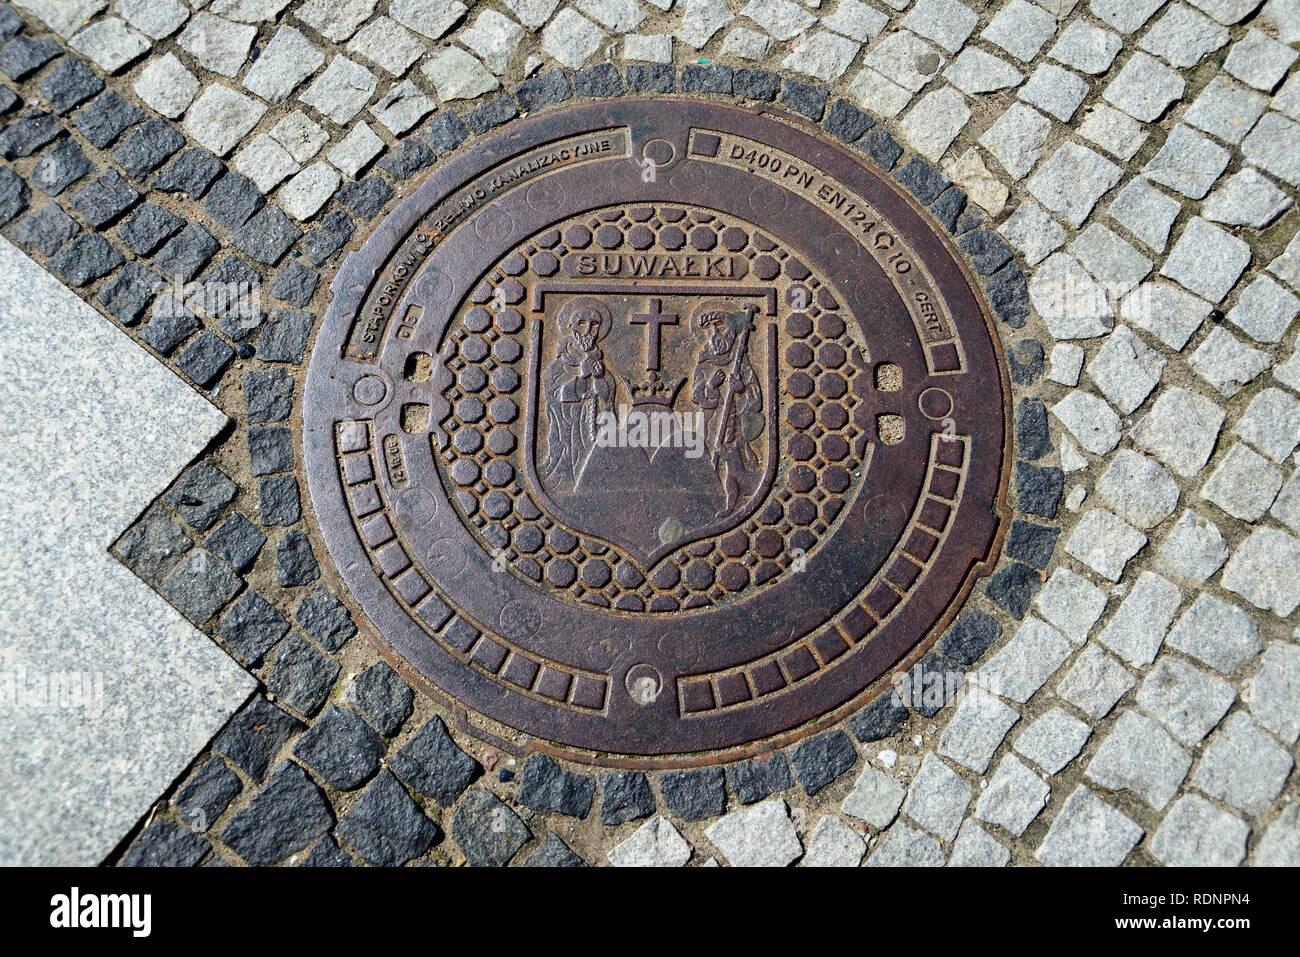 Manhole cover, Suwalki, Podlaskie, Poland - Stock Image